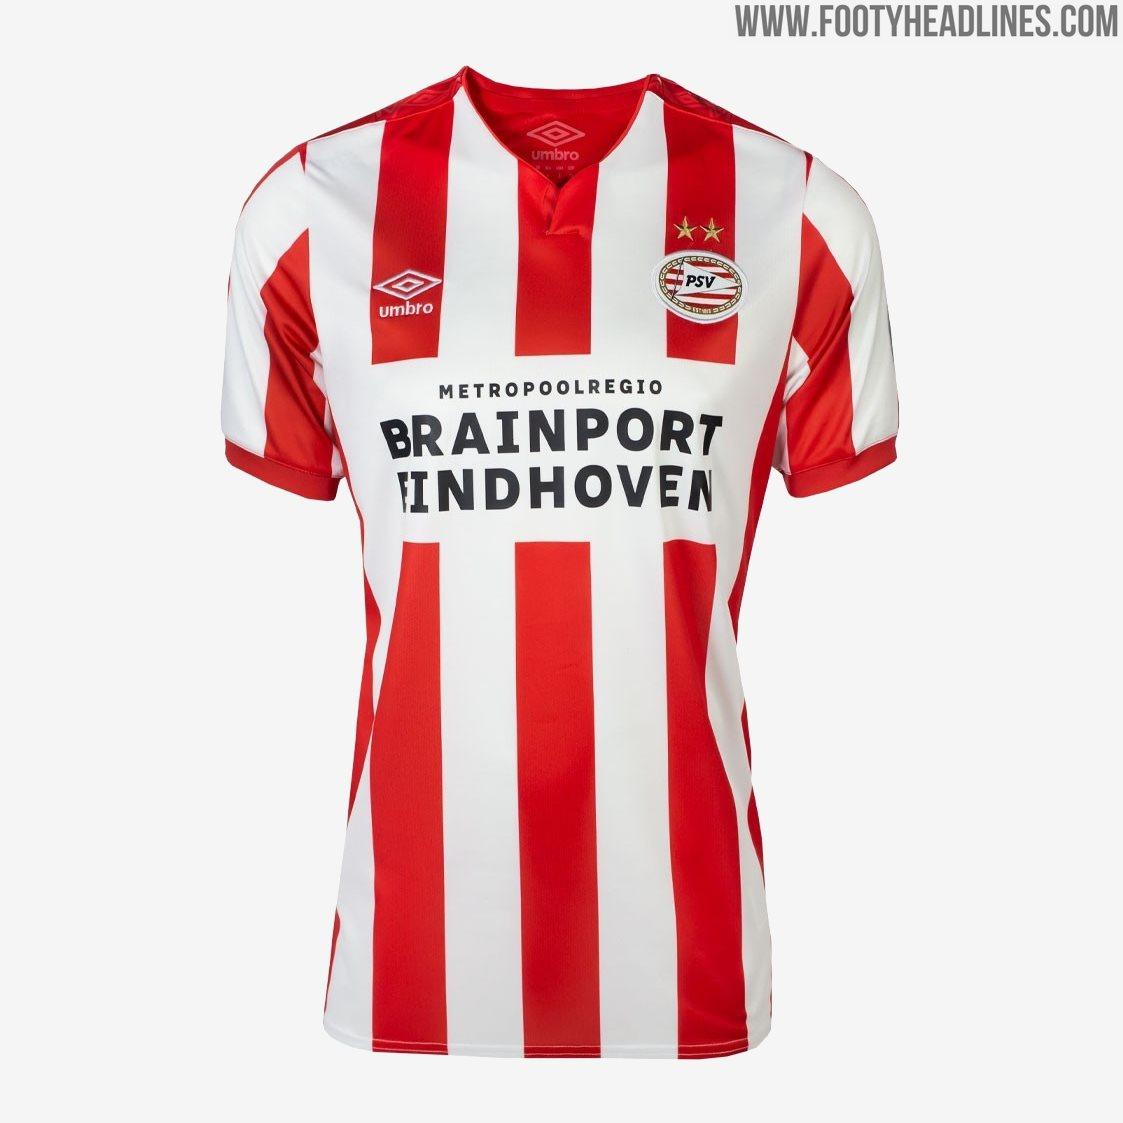 PSV 19-20 Home Kit Released - Footy Headlines